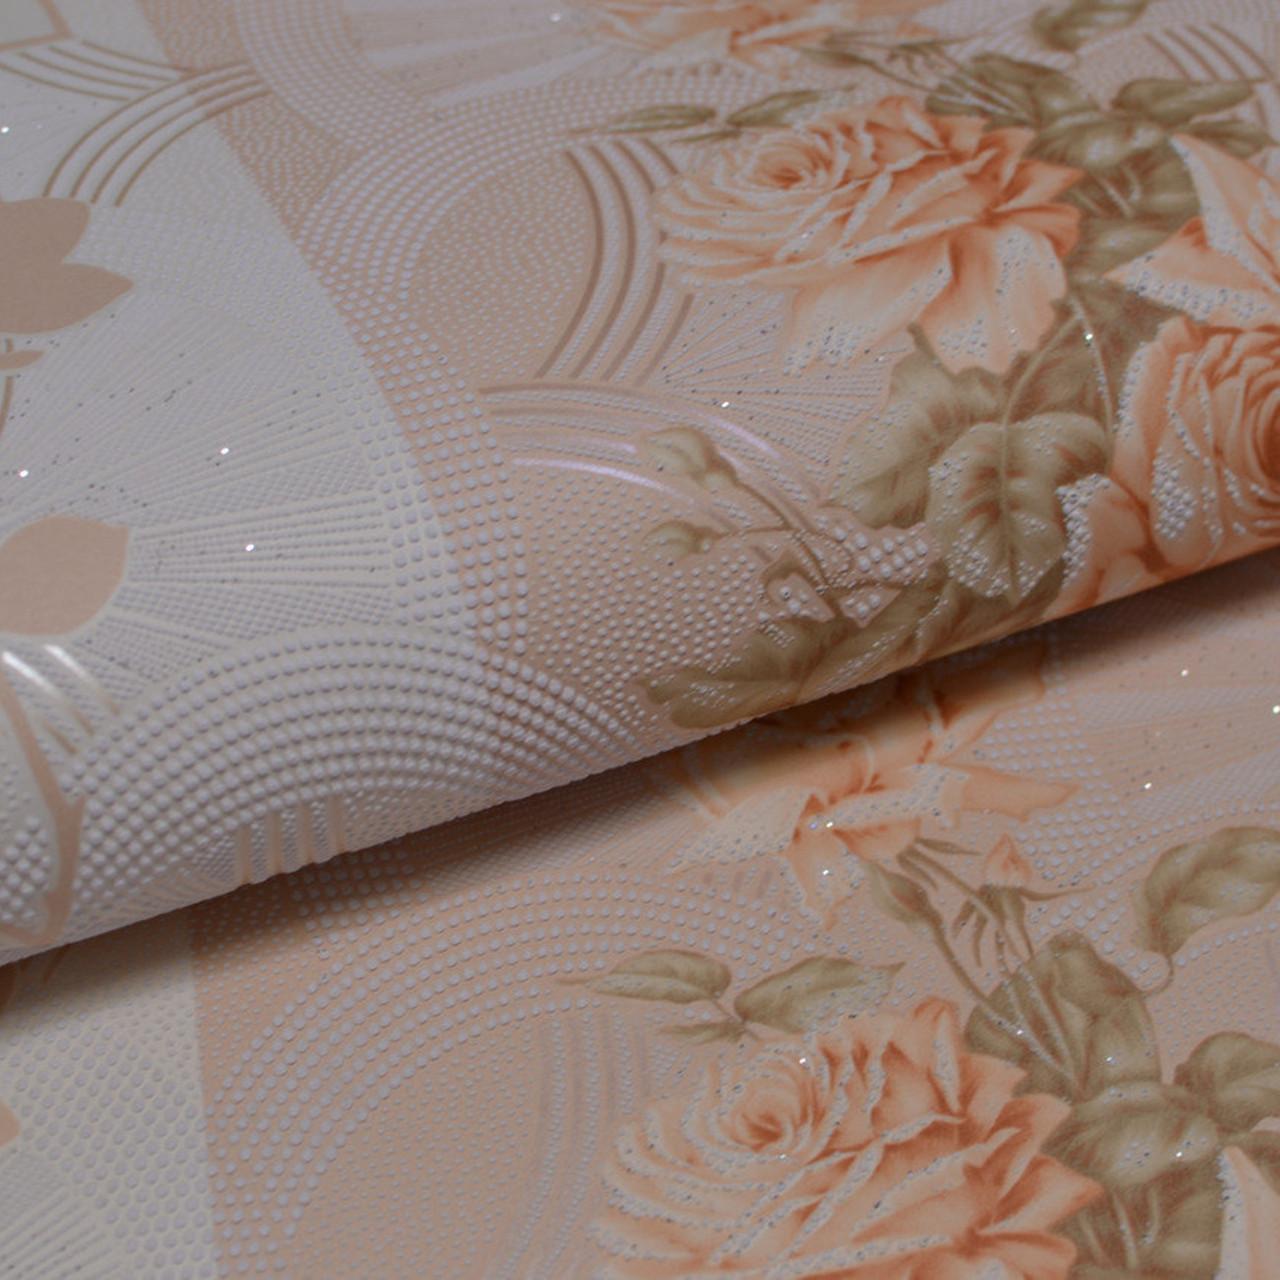 Обои, обои на стену,цветы, светлый, крупный рисунок, акрил на бумажной основе, B76,4 Корсика 7094-02, 0,53*10м